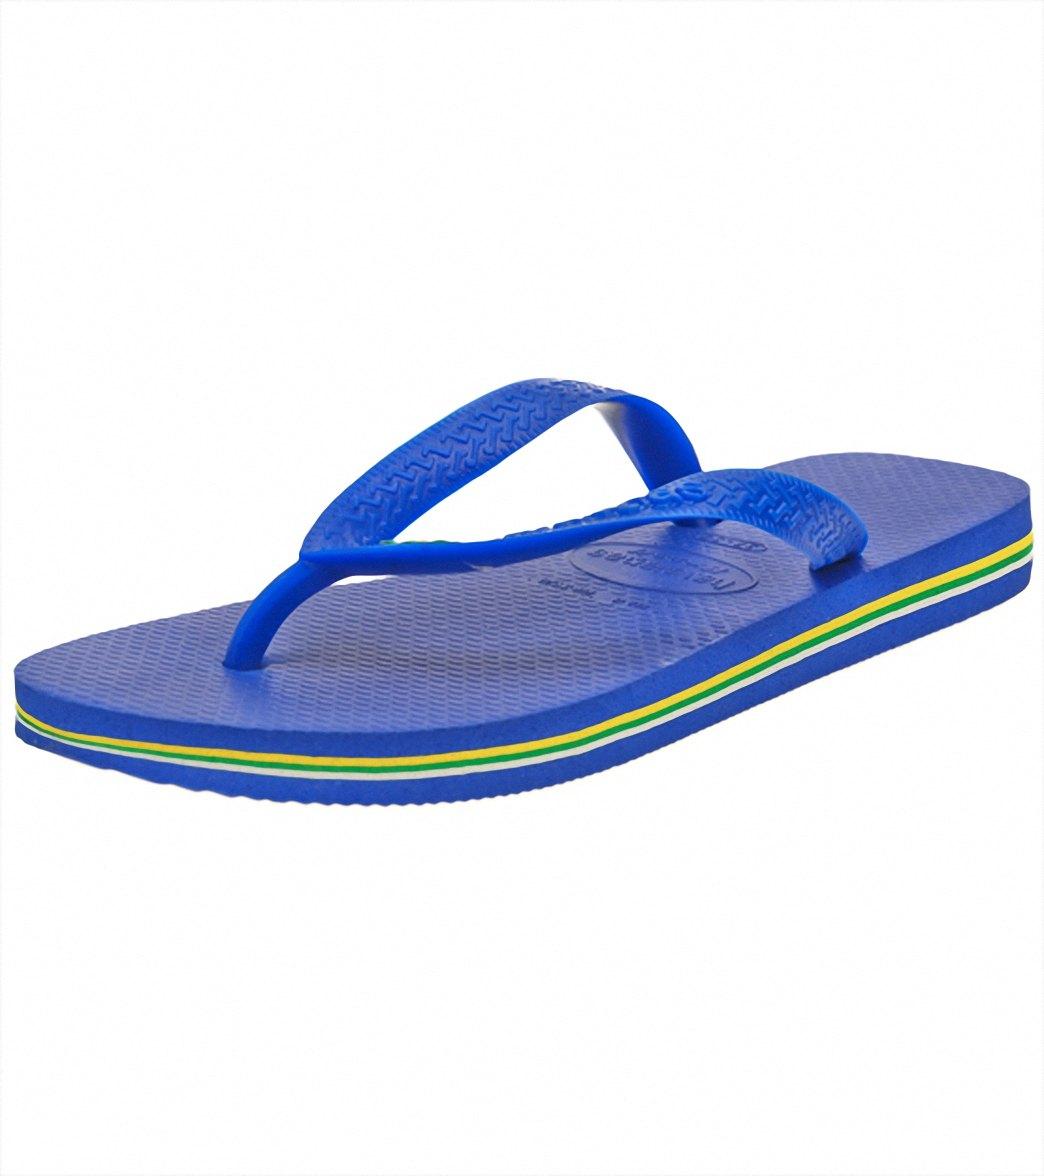 5ab2a76e569850 Havaianas Brasil Flip Flop at SwimOutlet.com